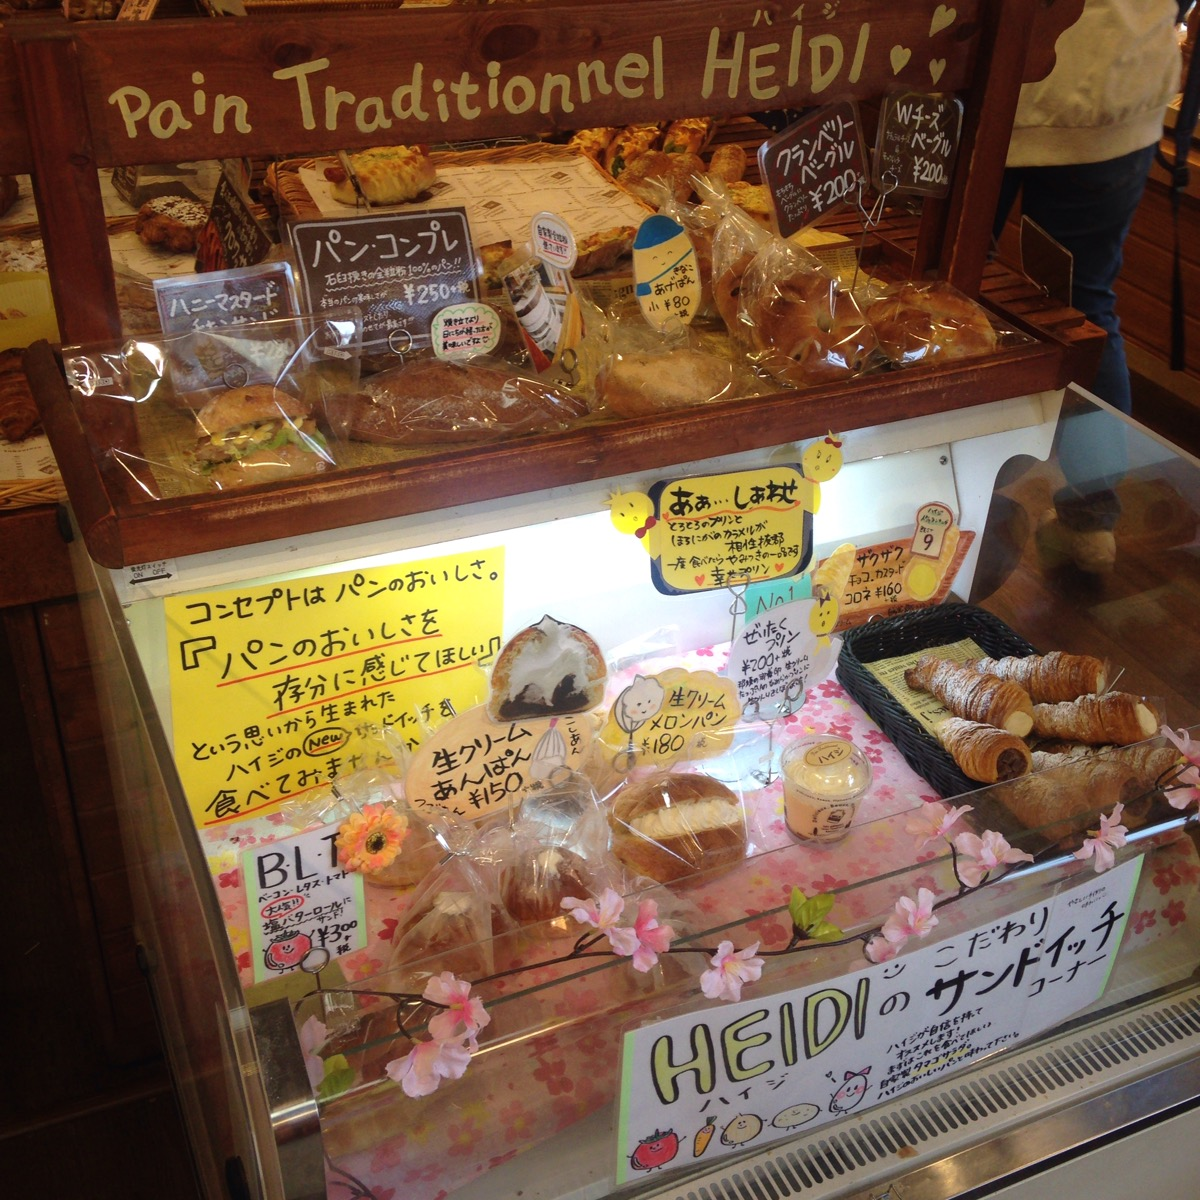 ひっそりと住宅地に隠れたちょっと人に自慢したくなる無添加パン屋『HEIDI(ハイジ)』(千葉県白井市)